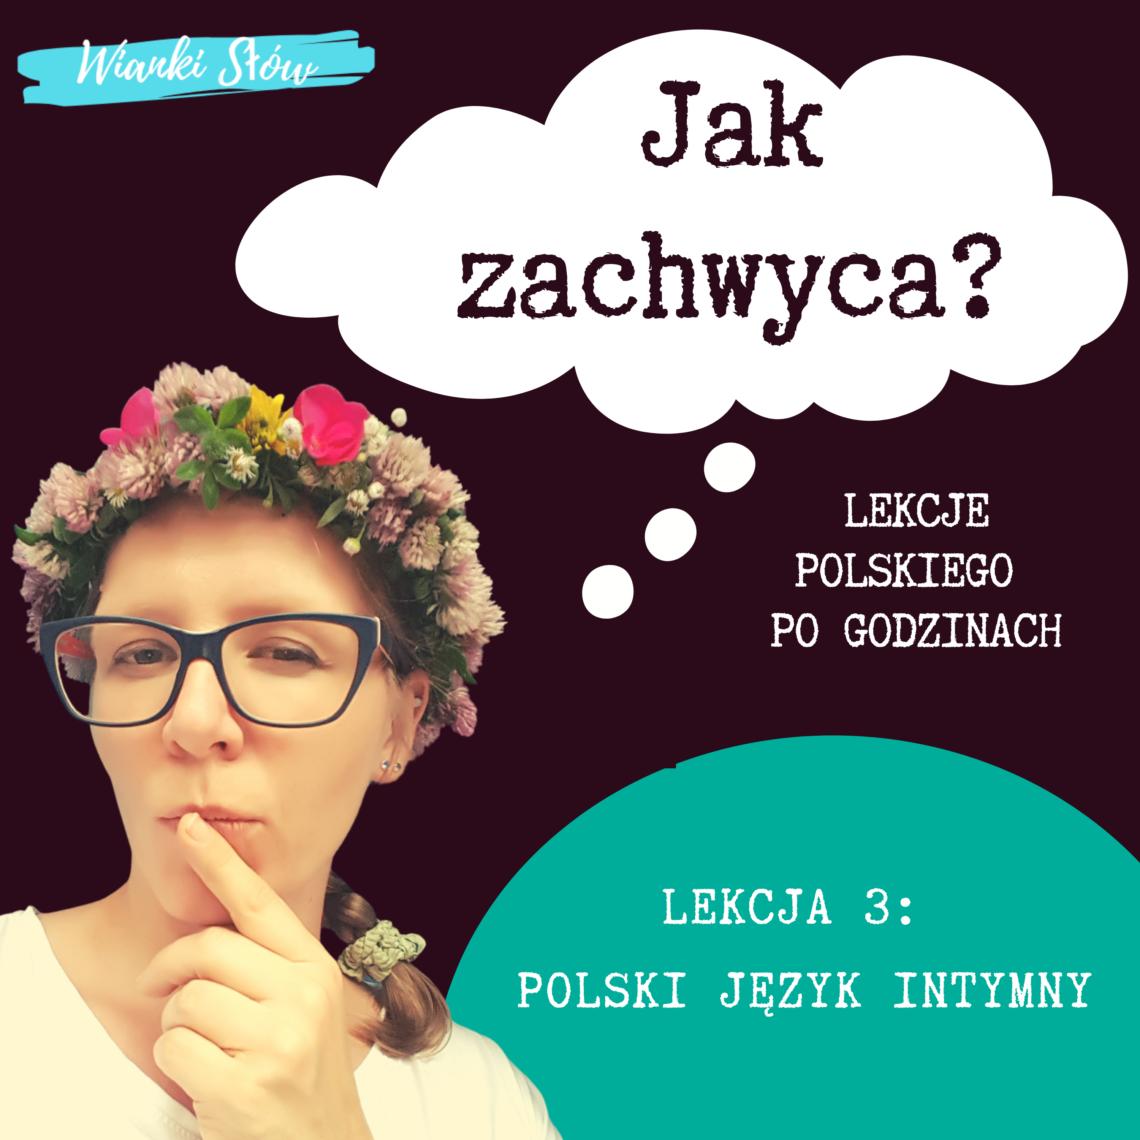 Lekcja3: Polski język intymny